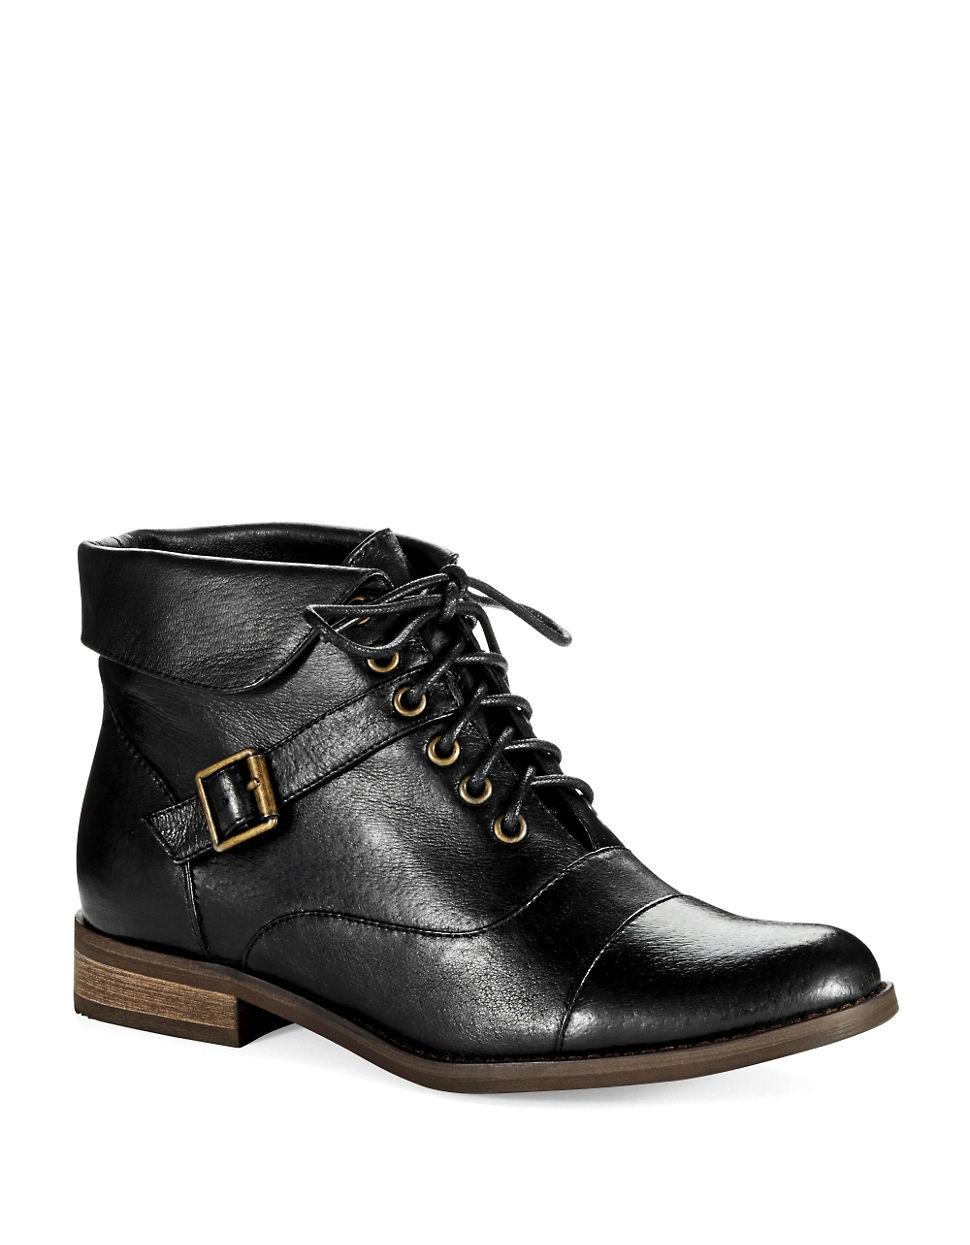 steve madden stinnger ankle boots in black lyst. Black Bedroom Furniture Sets. Home Design Ideas